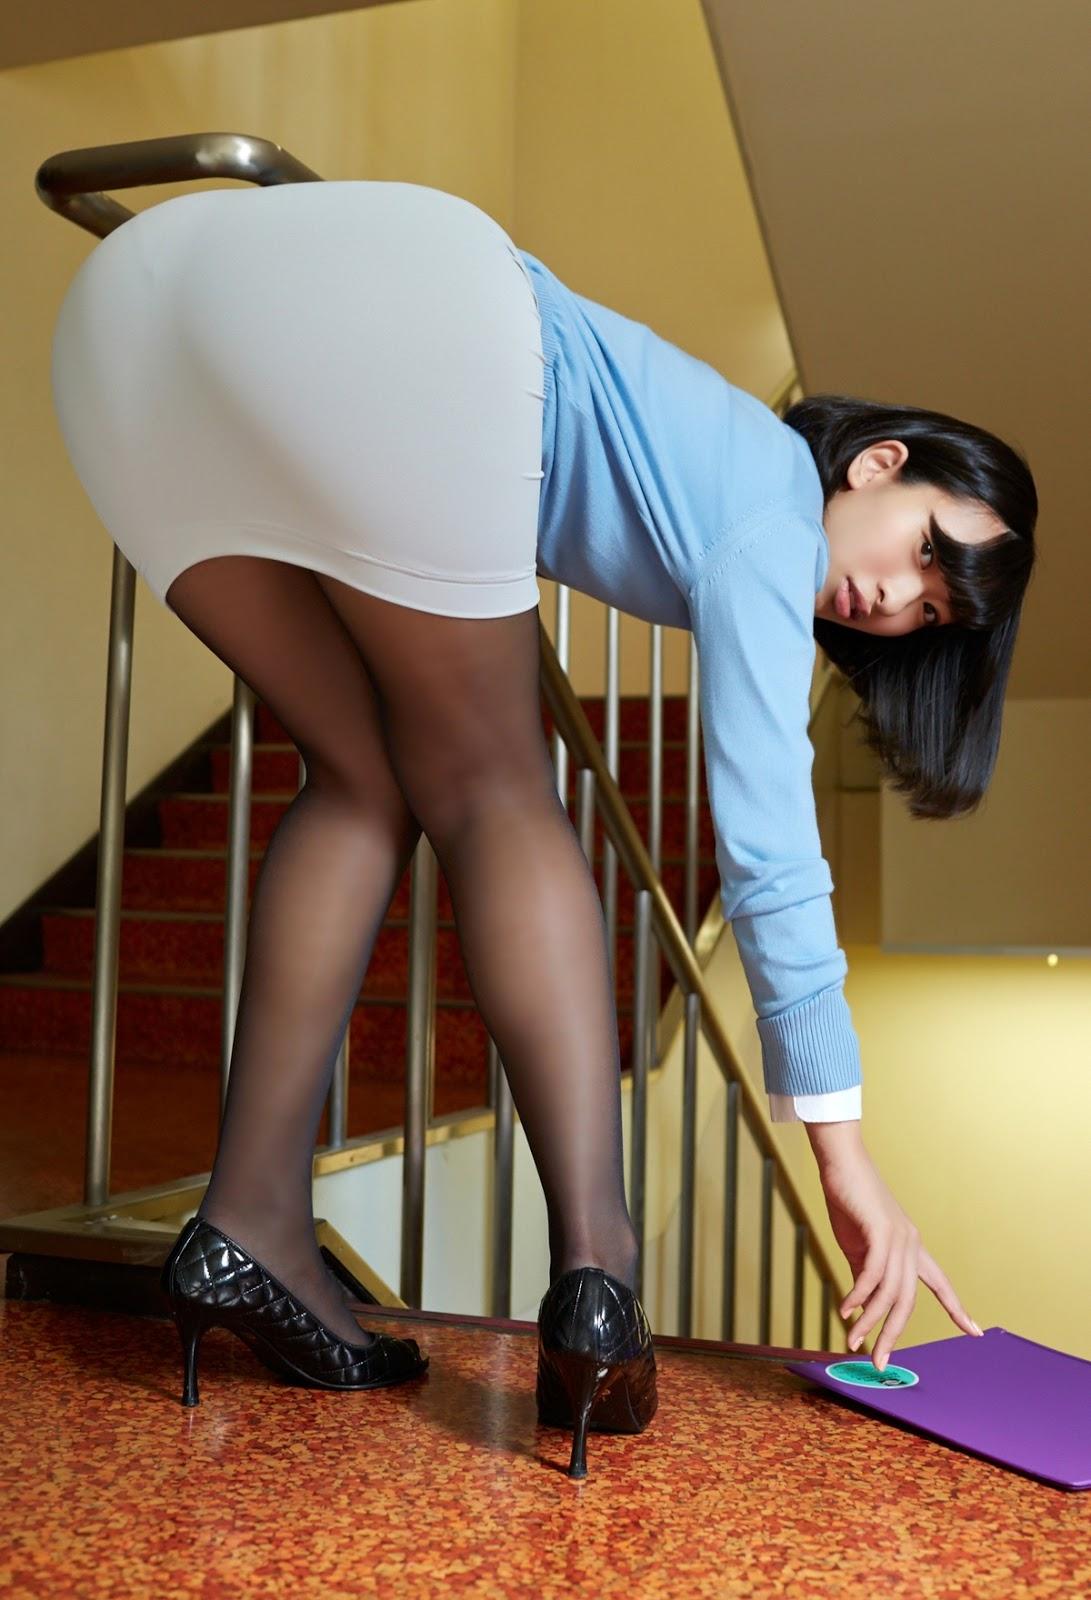 薄い黒ストッキング脚が好きNo.21【目一杯抜いて!】 [無断転載禁止]©bbspink.comYouTube動画>11本 ->画像>838枚